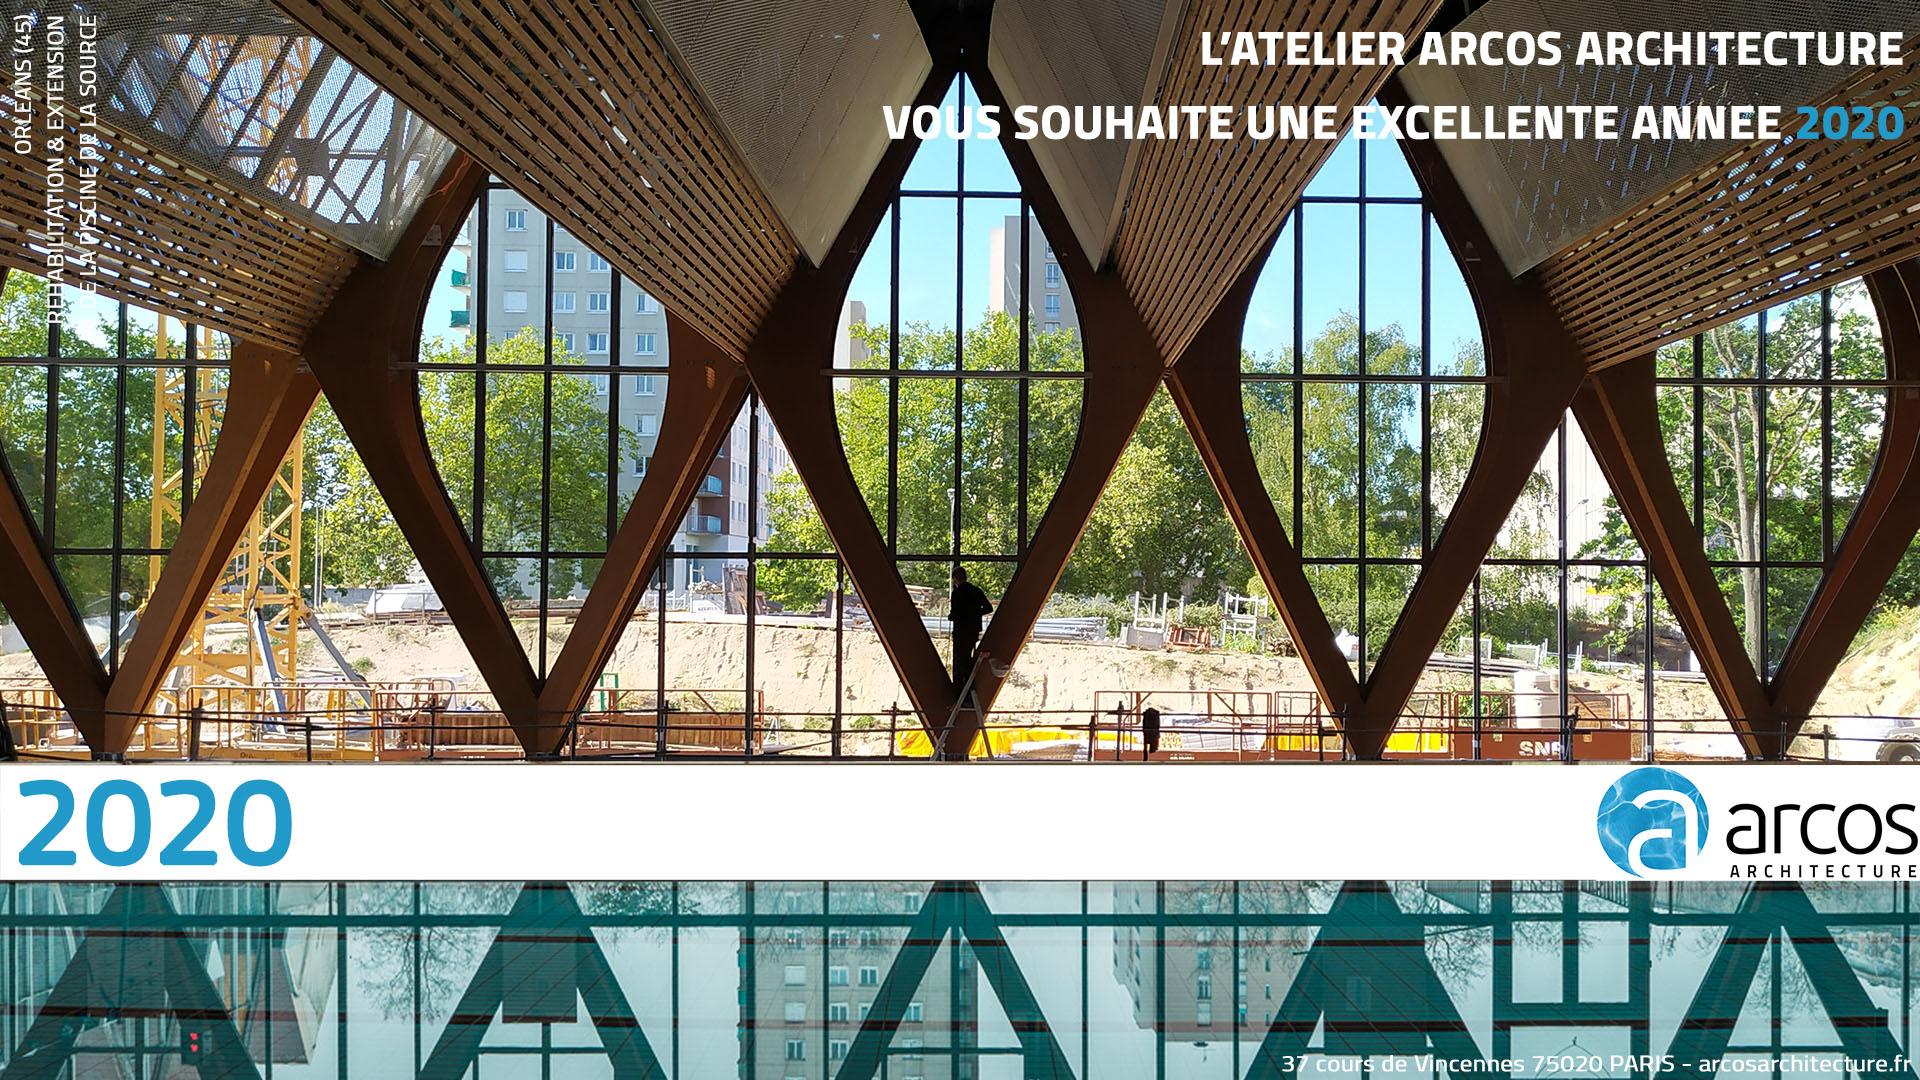 Atelier Arcos Architecture - Recherche pour Piscine De Brignais